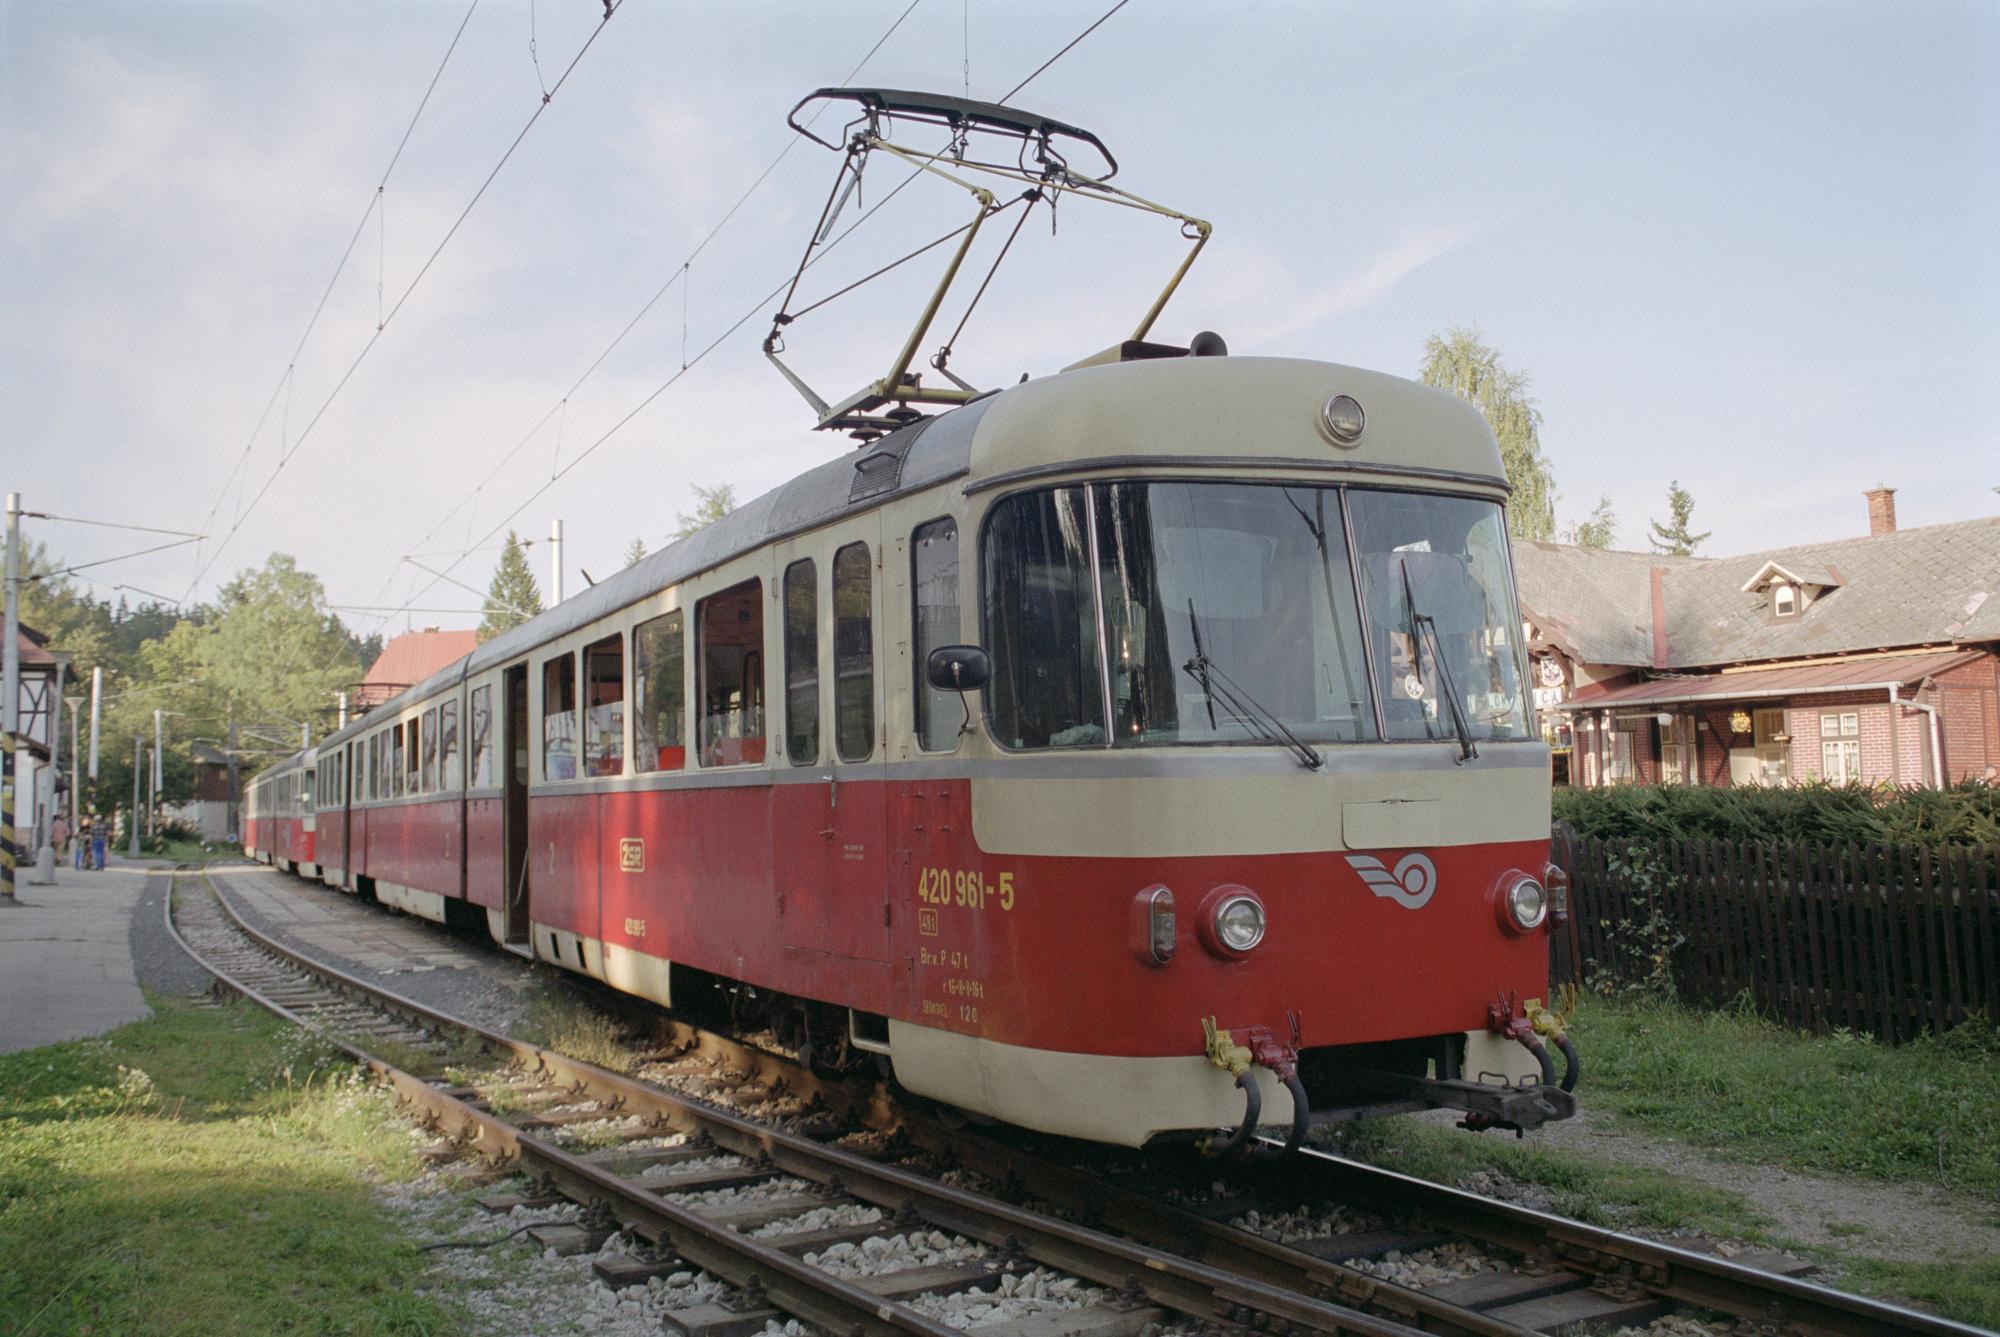 Příbuznost s tramvajemi T3 jednotky EMU 89 nezapřely. (zdroj: Wikipedia.org)